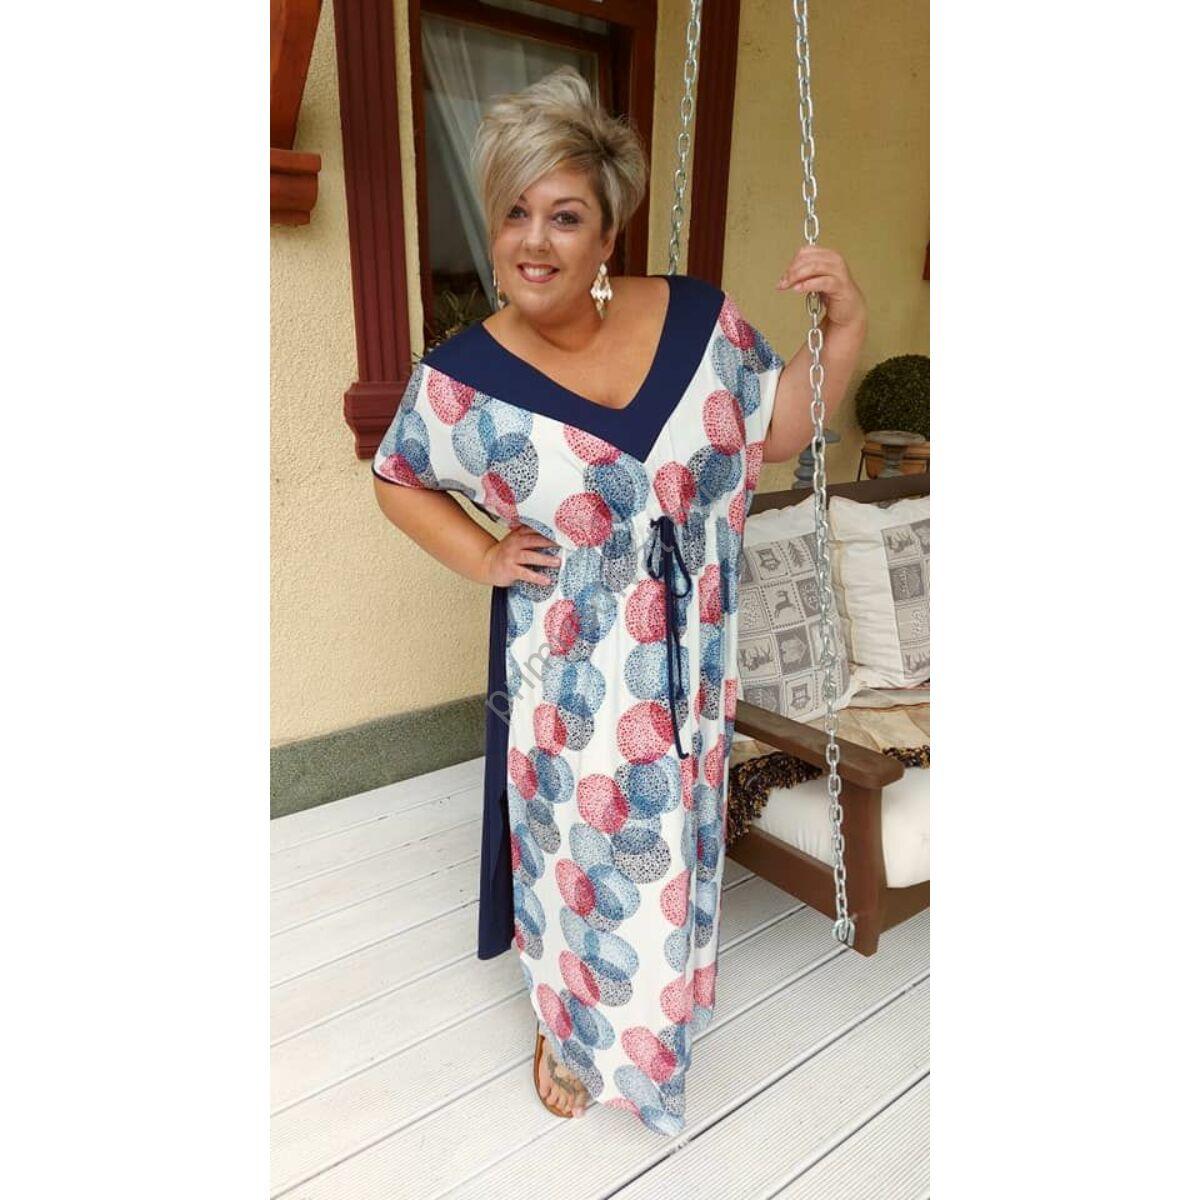 Fashion by Nono V-nyakú, mell alatt húzott kék-piros mintás lenge nyári Kaftán ruha, oldalán felsliccelve